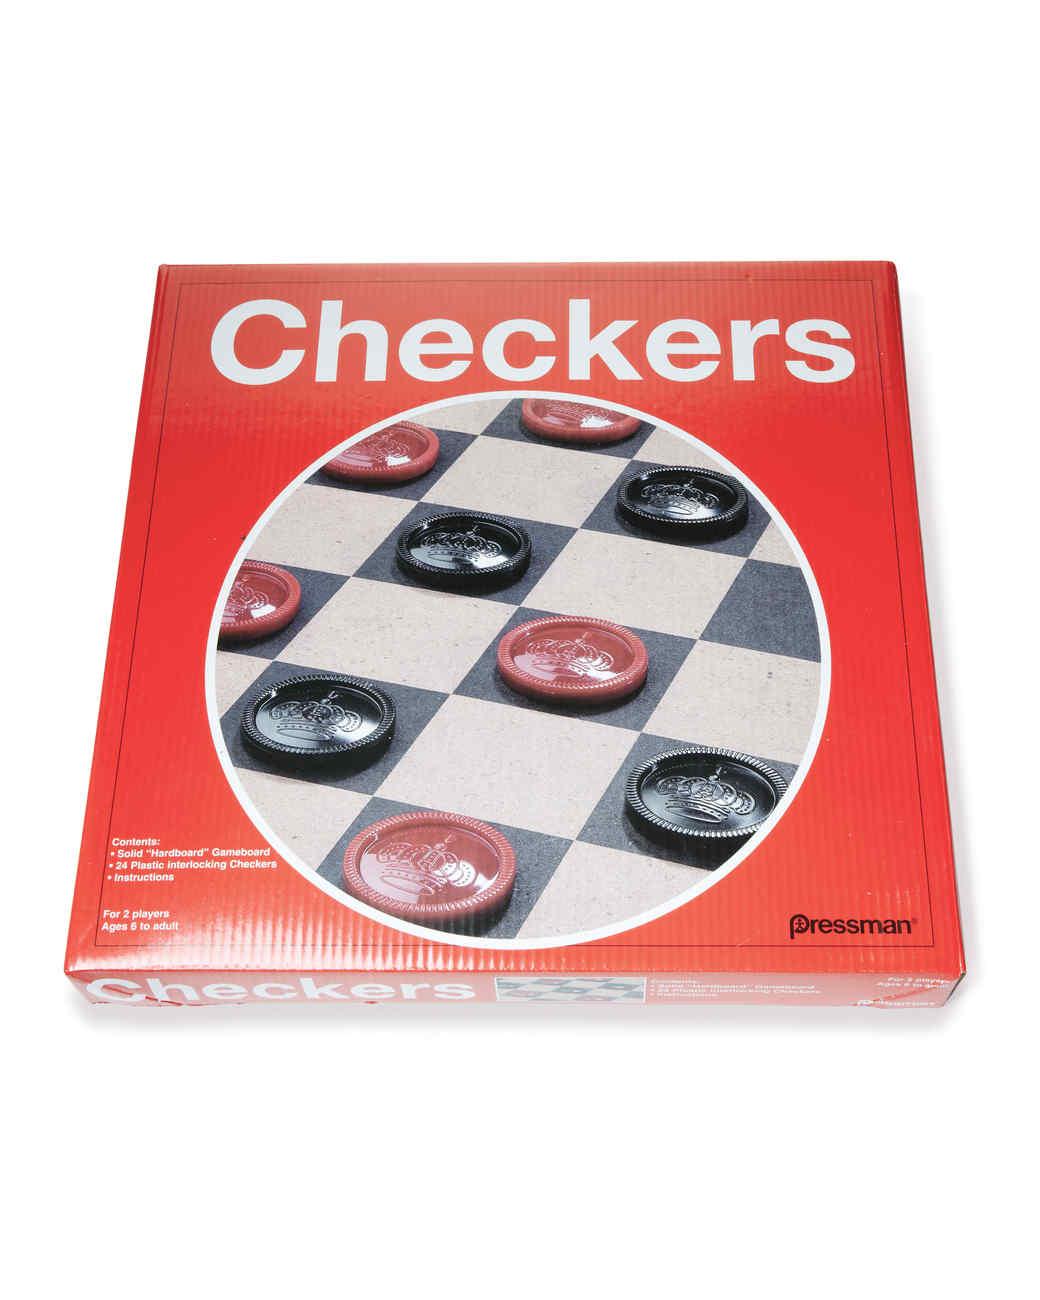 games-checkers-0811mld107420.jpg